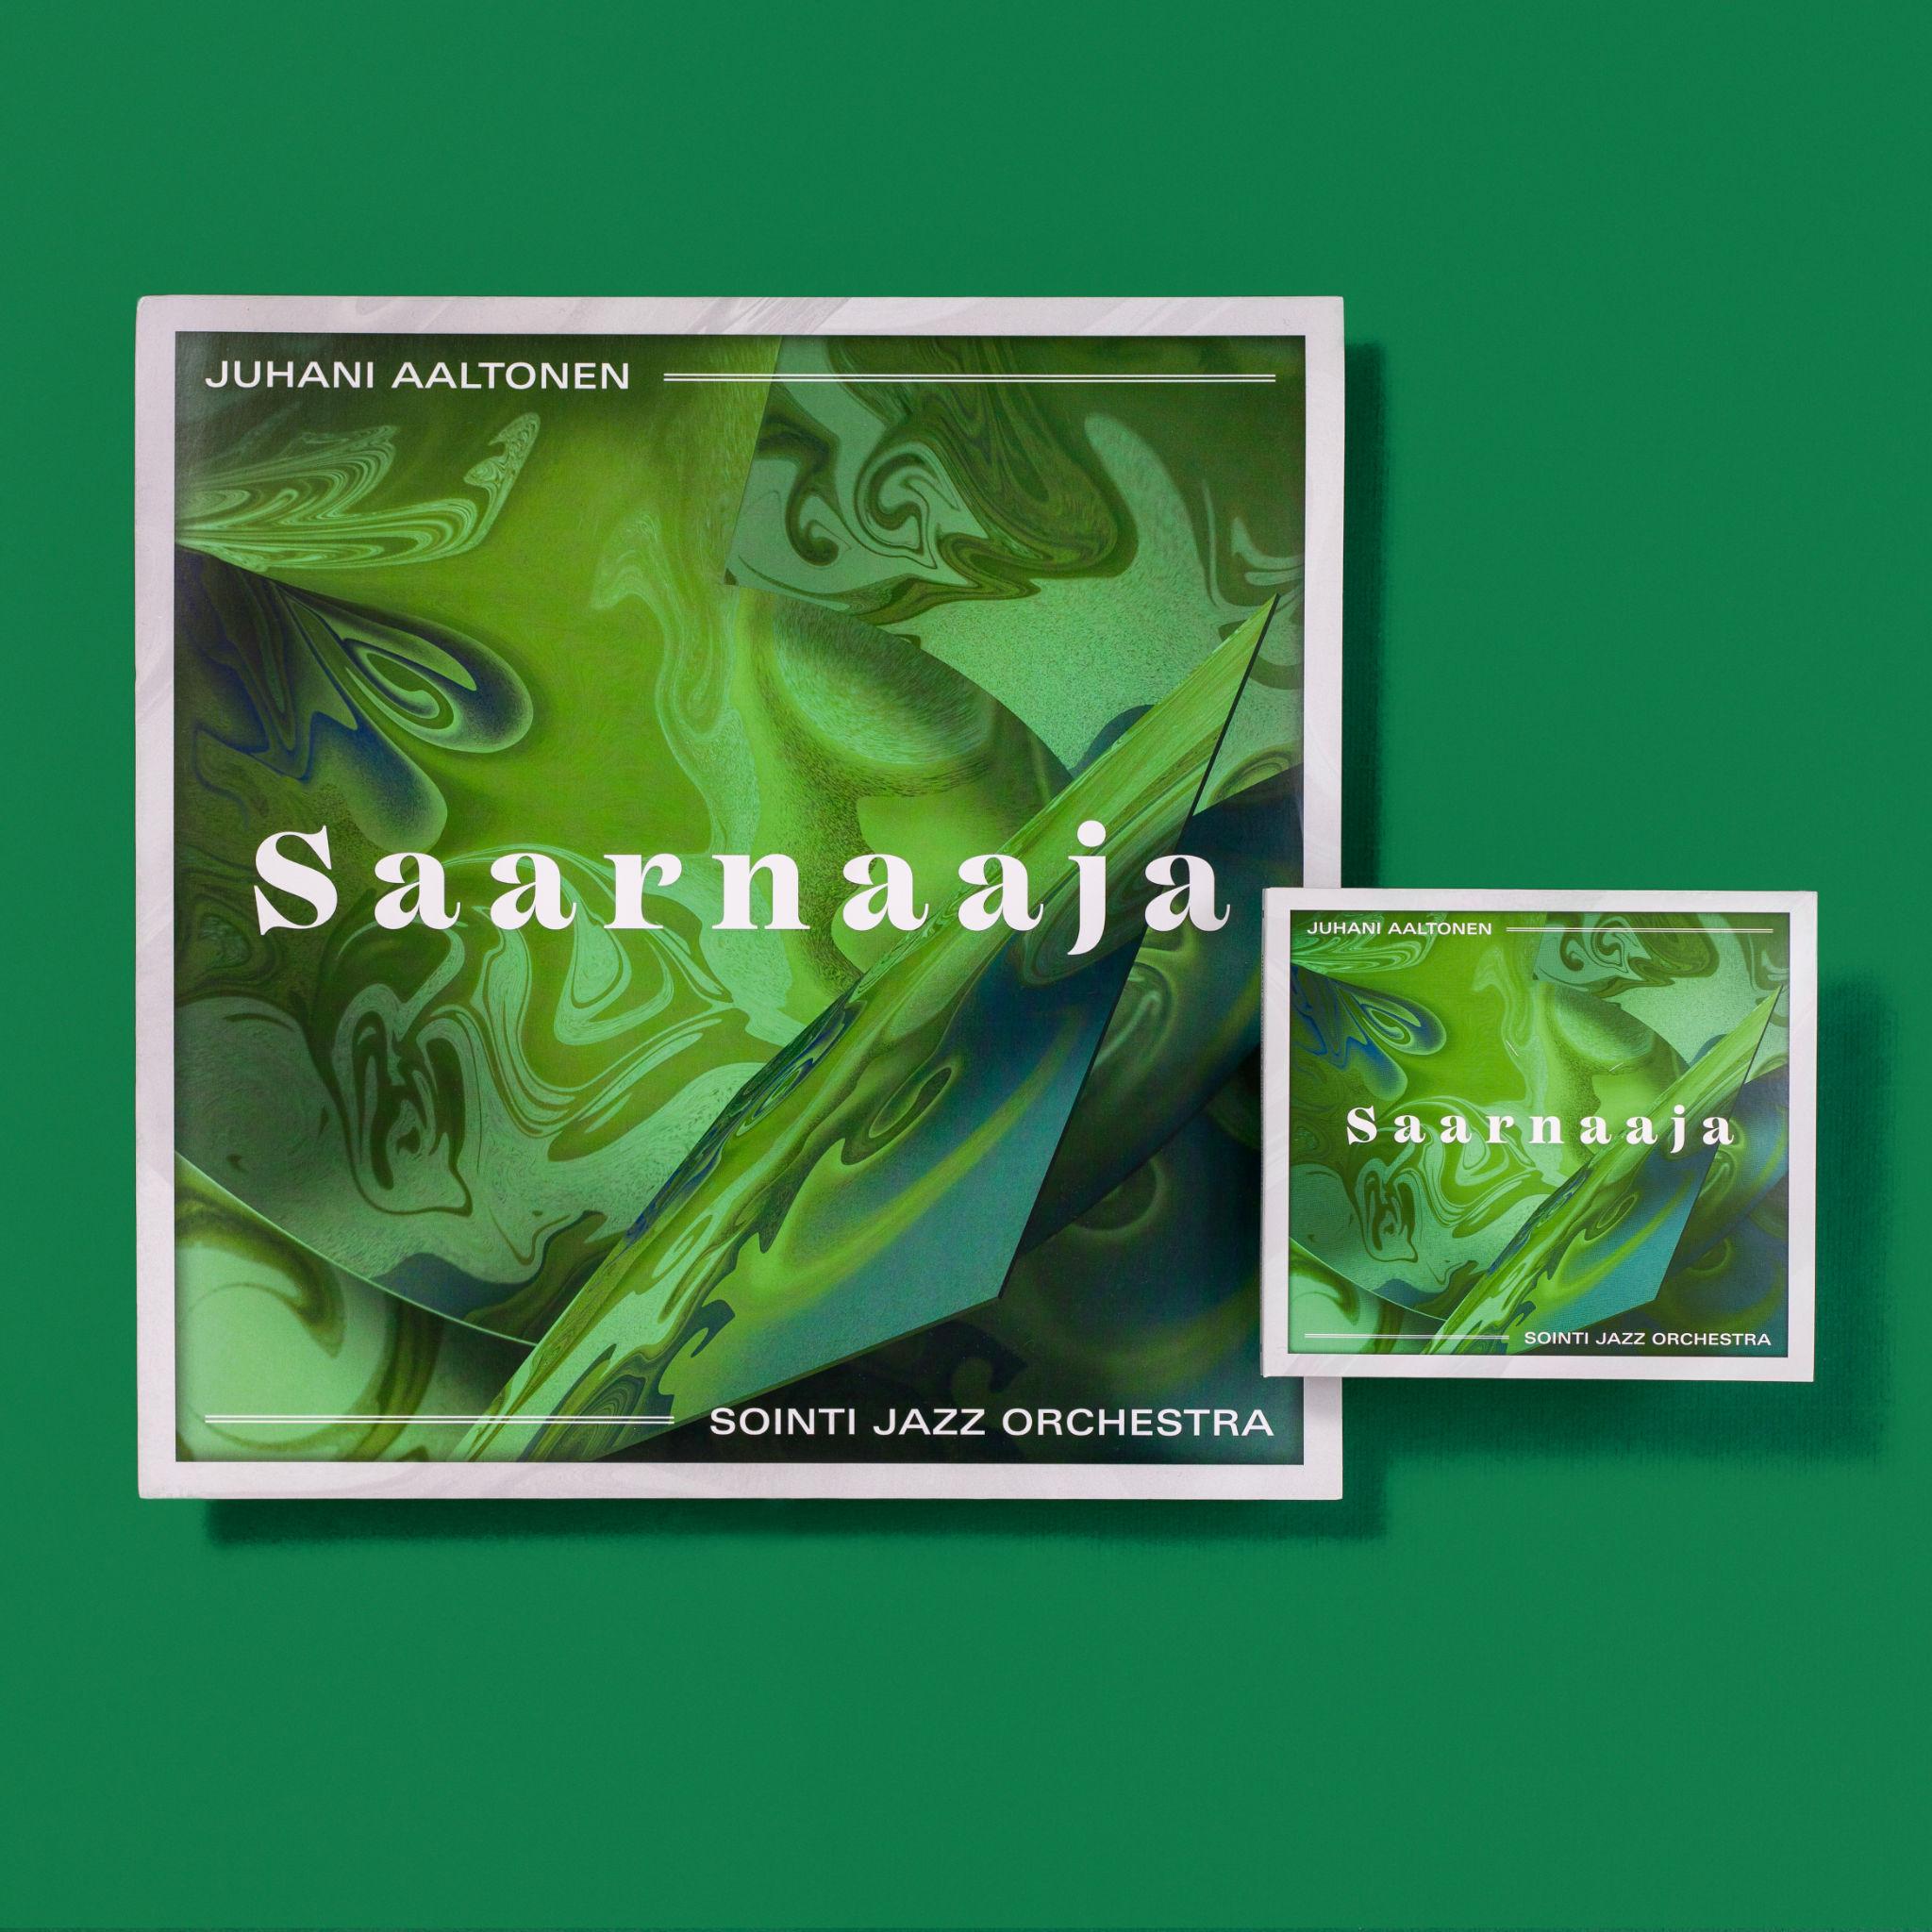 Saarnaaja_studio_6_square